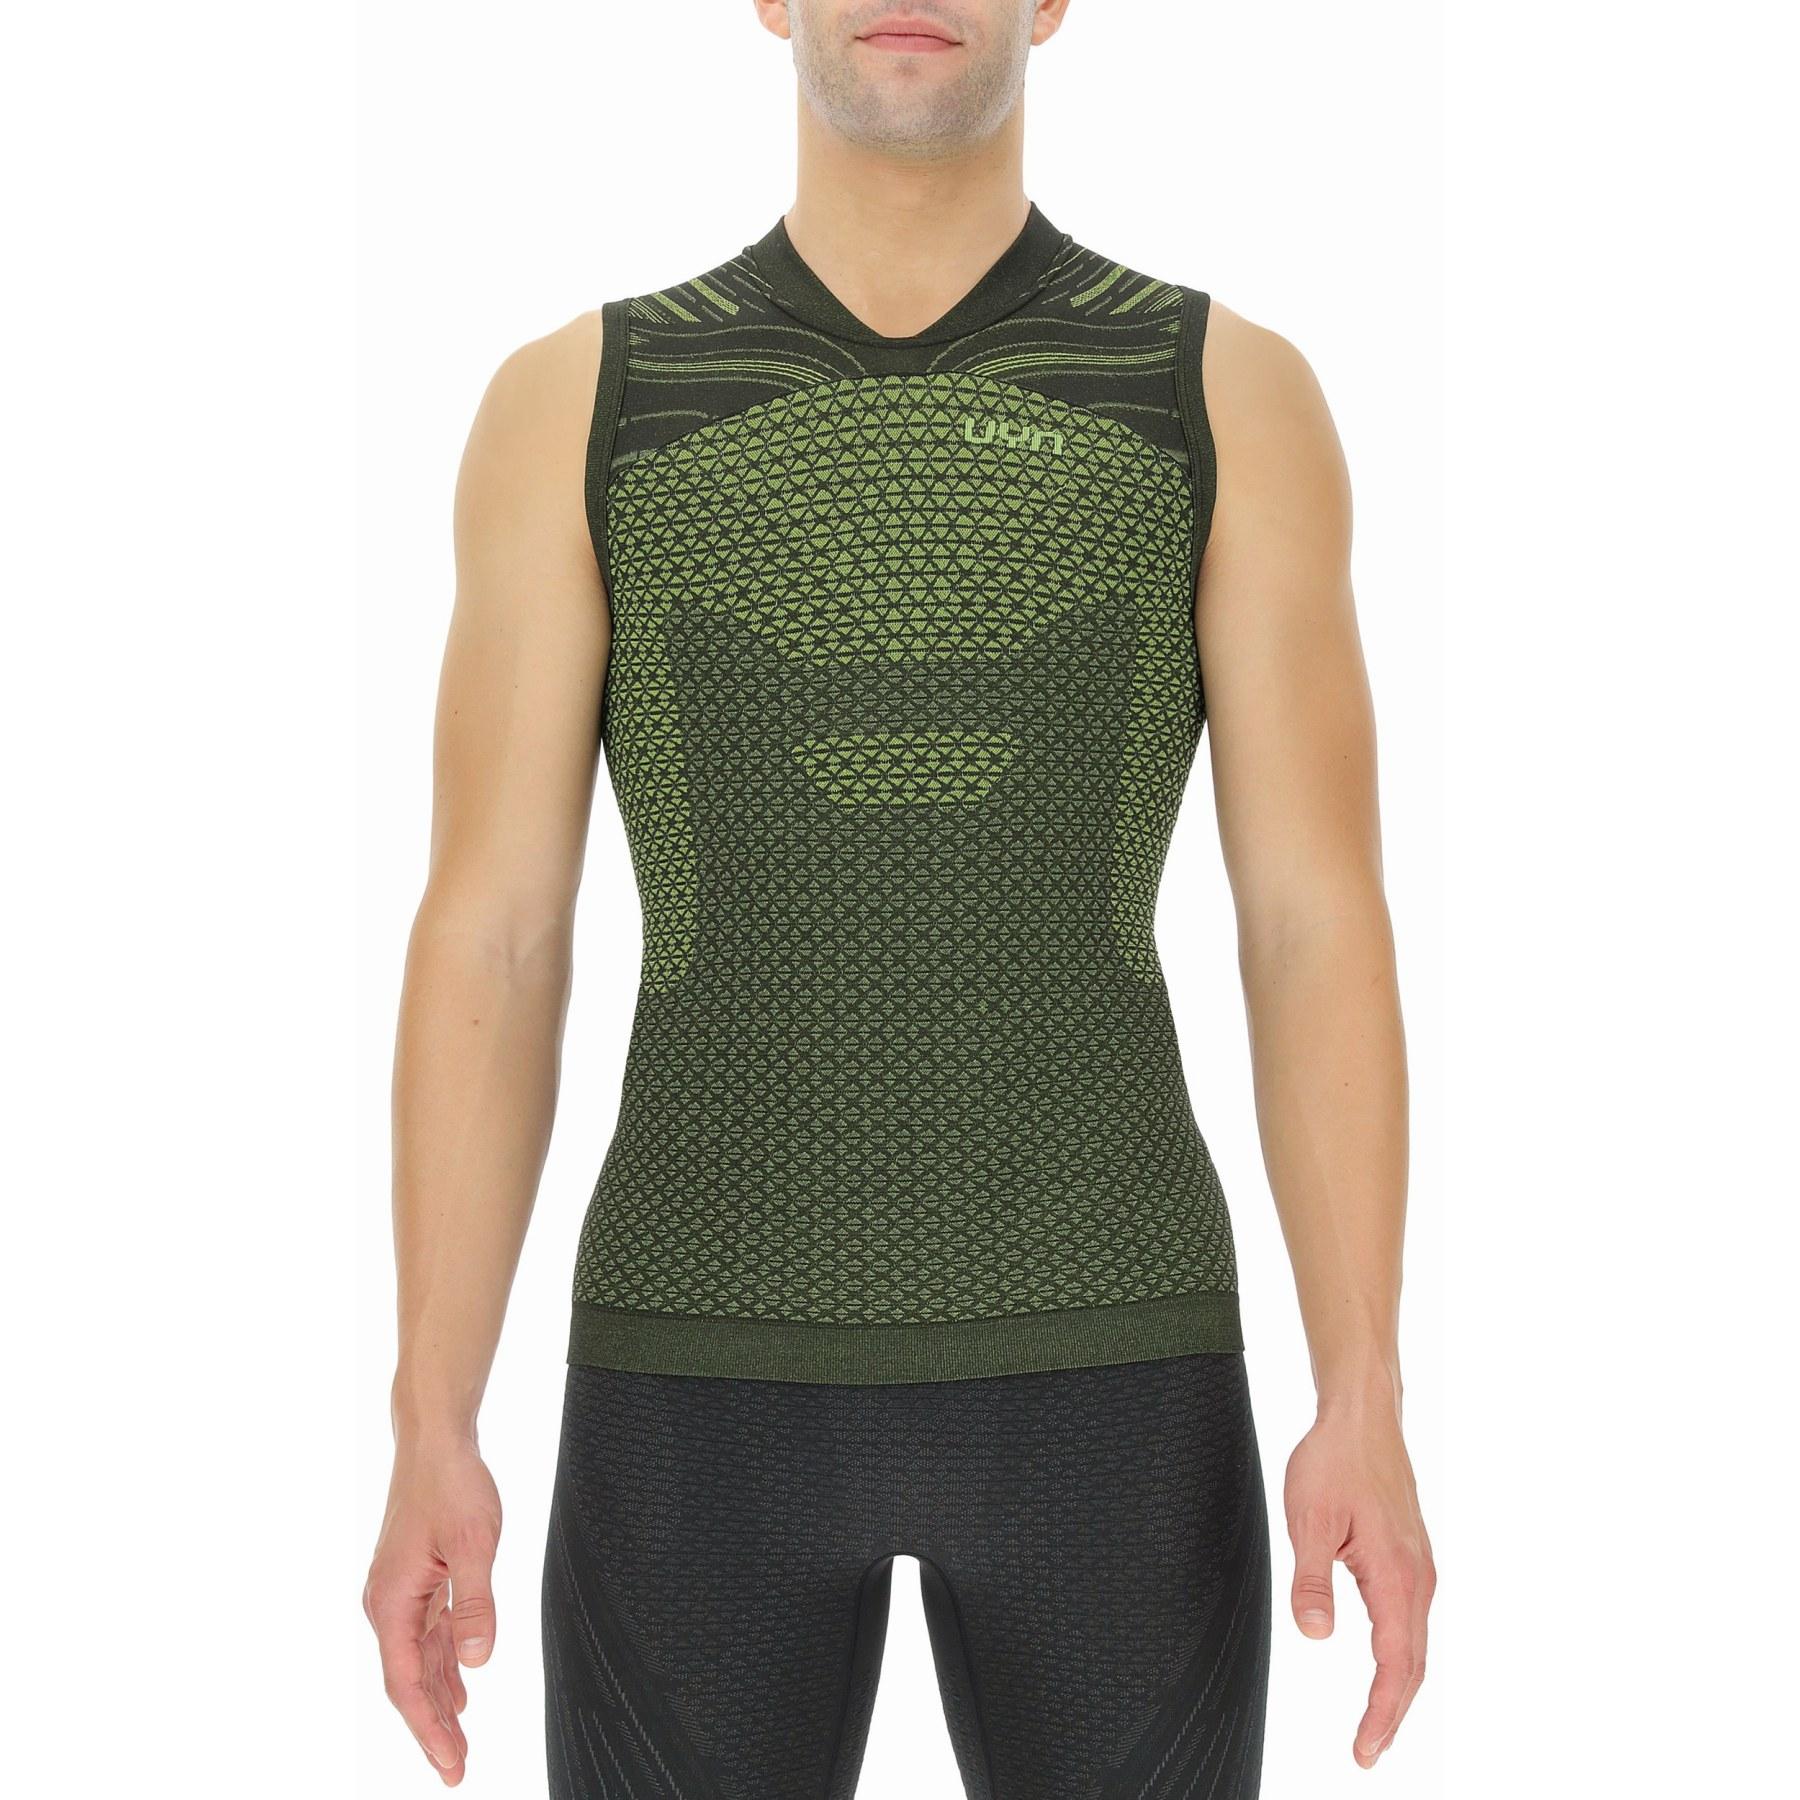 UYN Alpha Coolboost Running Sleeveless Shirt - Ultra Lime/Lizard